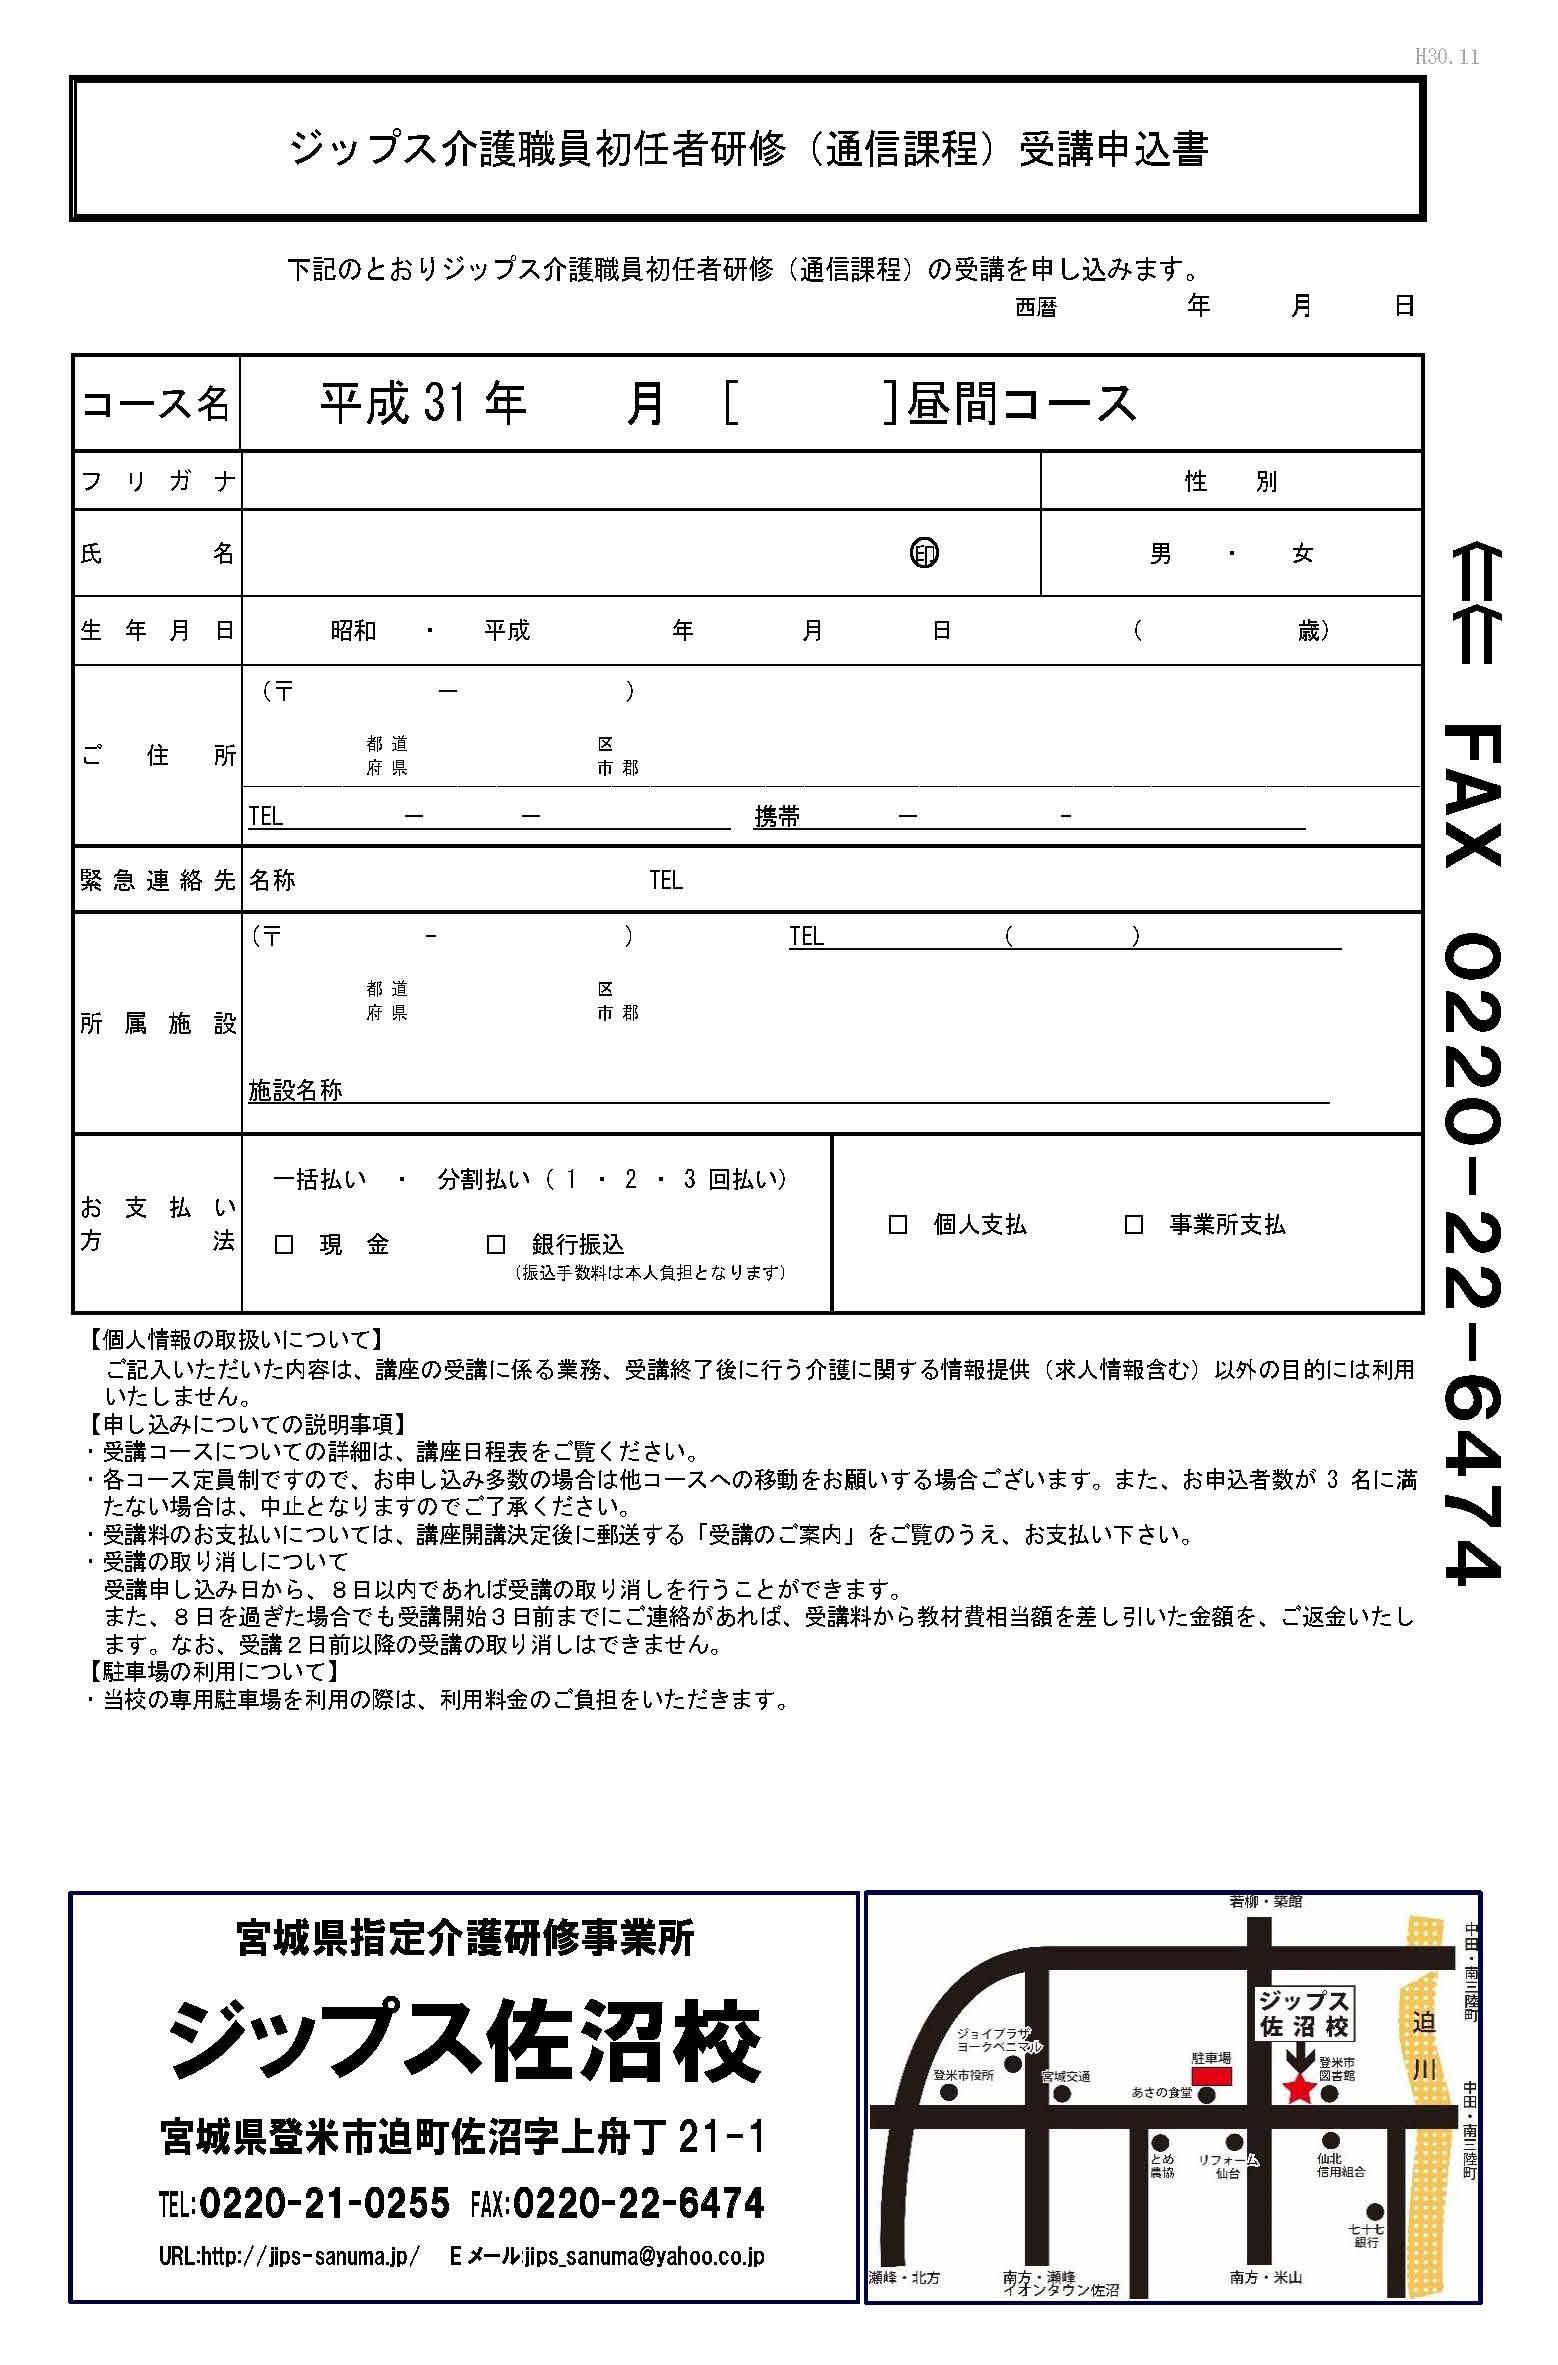 初任者研修募集チラシH31年1月-2月(総合)_ページ_2